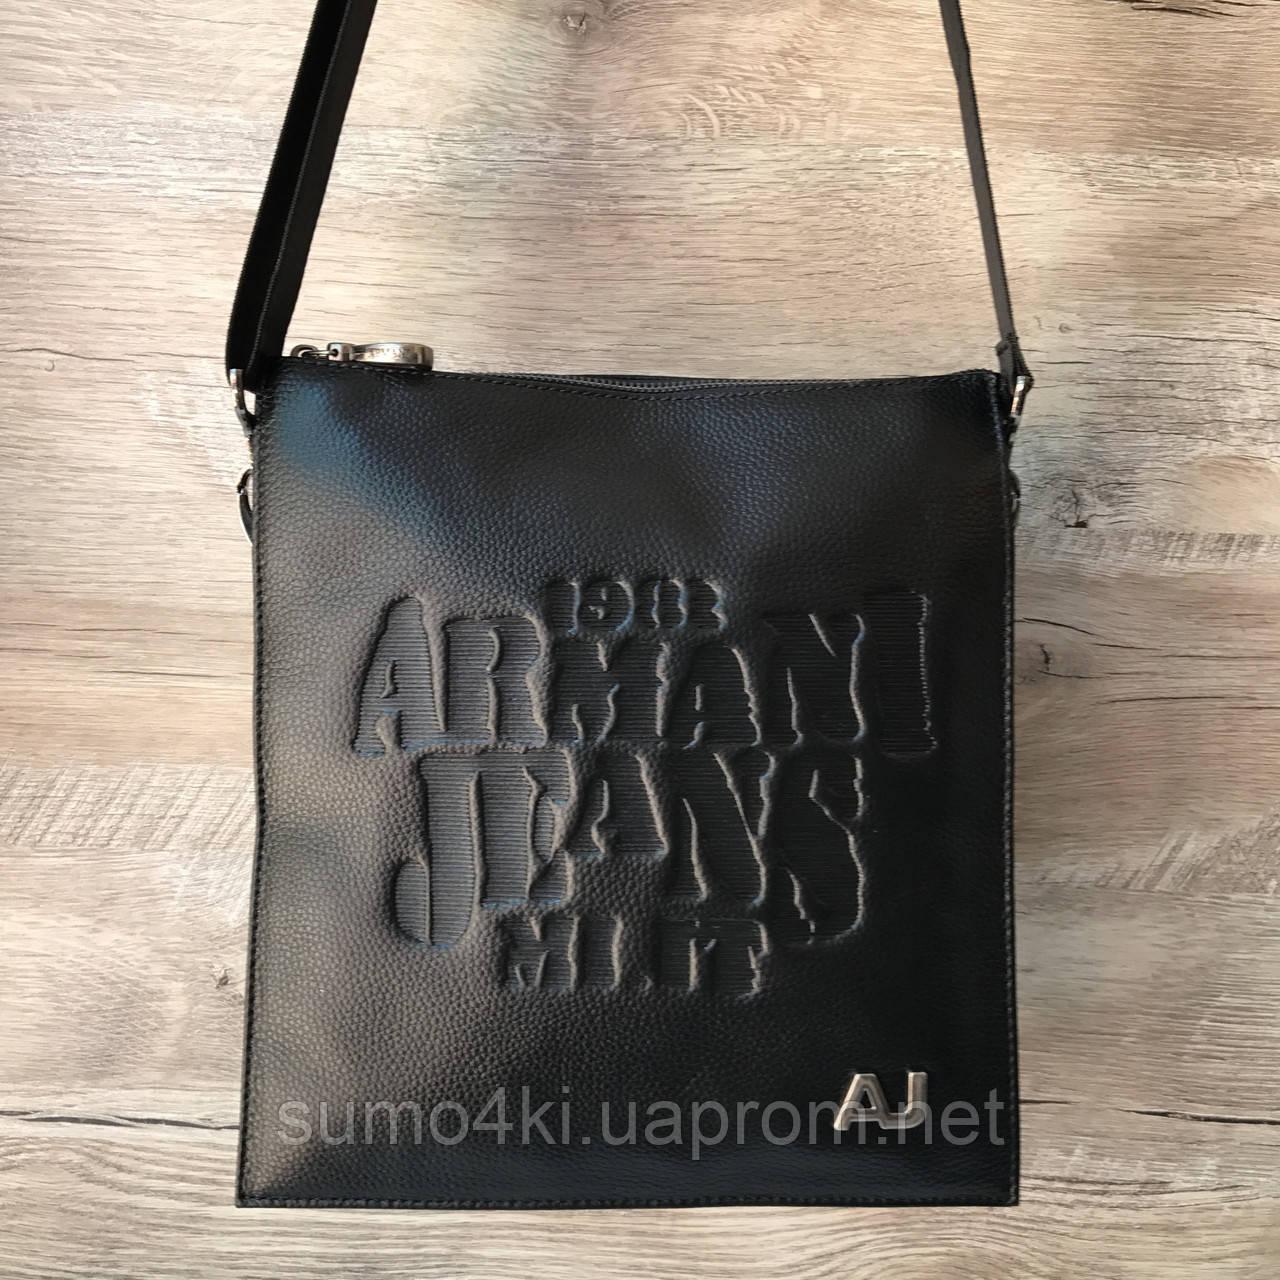 35b38bcec155 Купить Мужскую кожаную сумку через плечо Armani оптом и в розницу в ...